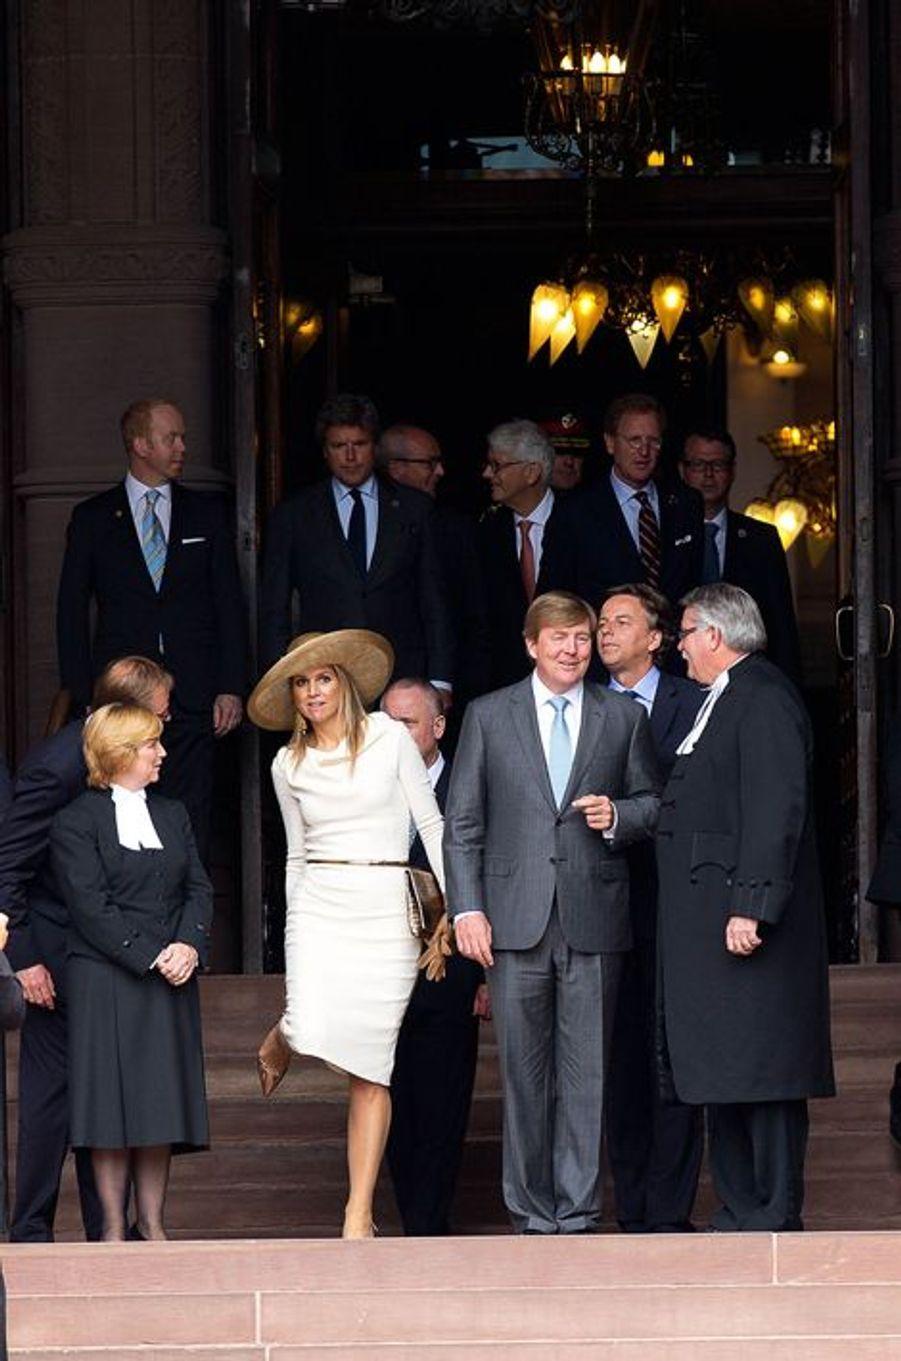 La reine Maxima et le roi Willem-Alexander des Pays-Bas à Toronto, le 29 mai 2015